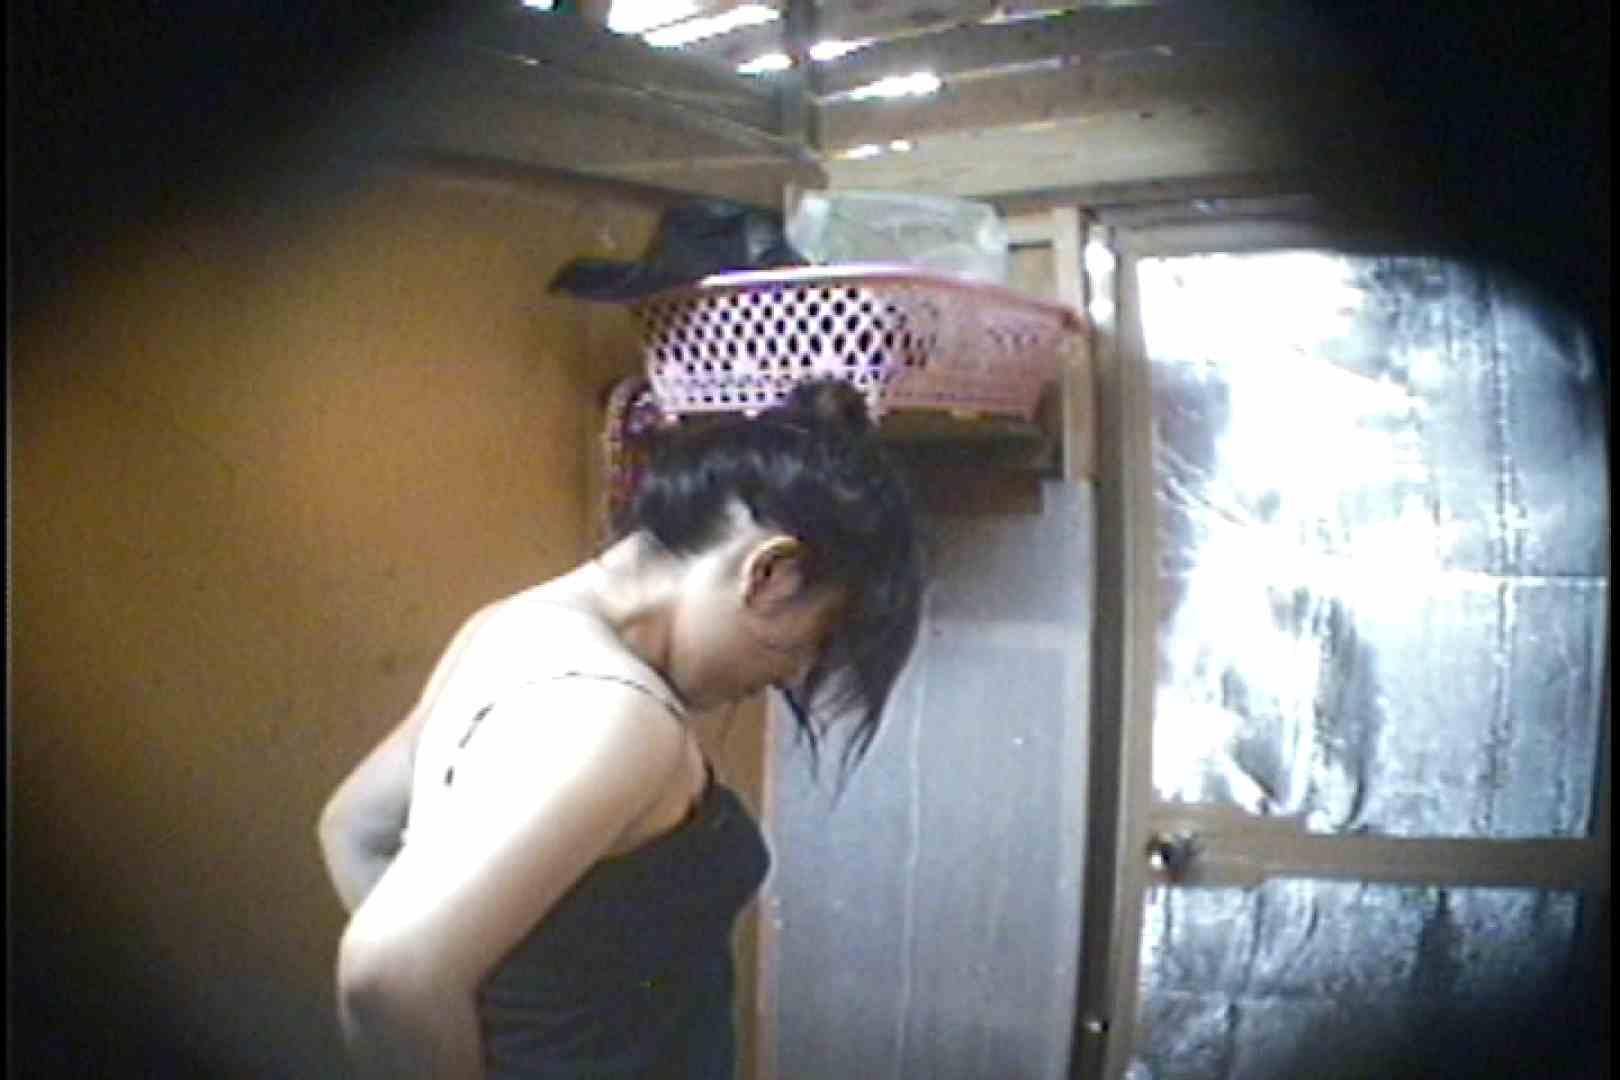 海の家の更衣室 Vol.37 シャワー オマンコ動画キャプチャ 107枚 89